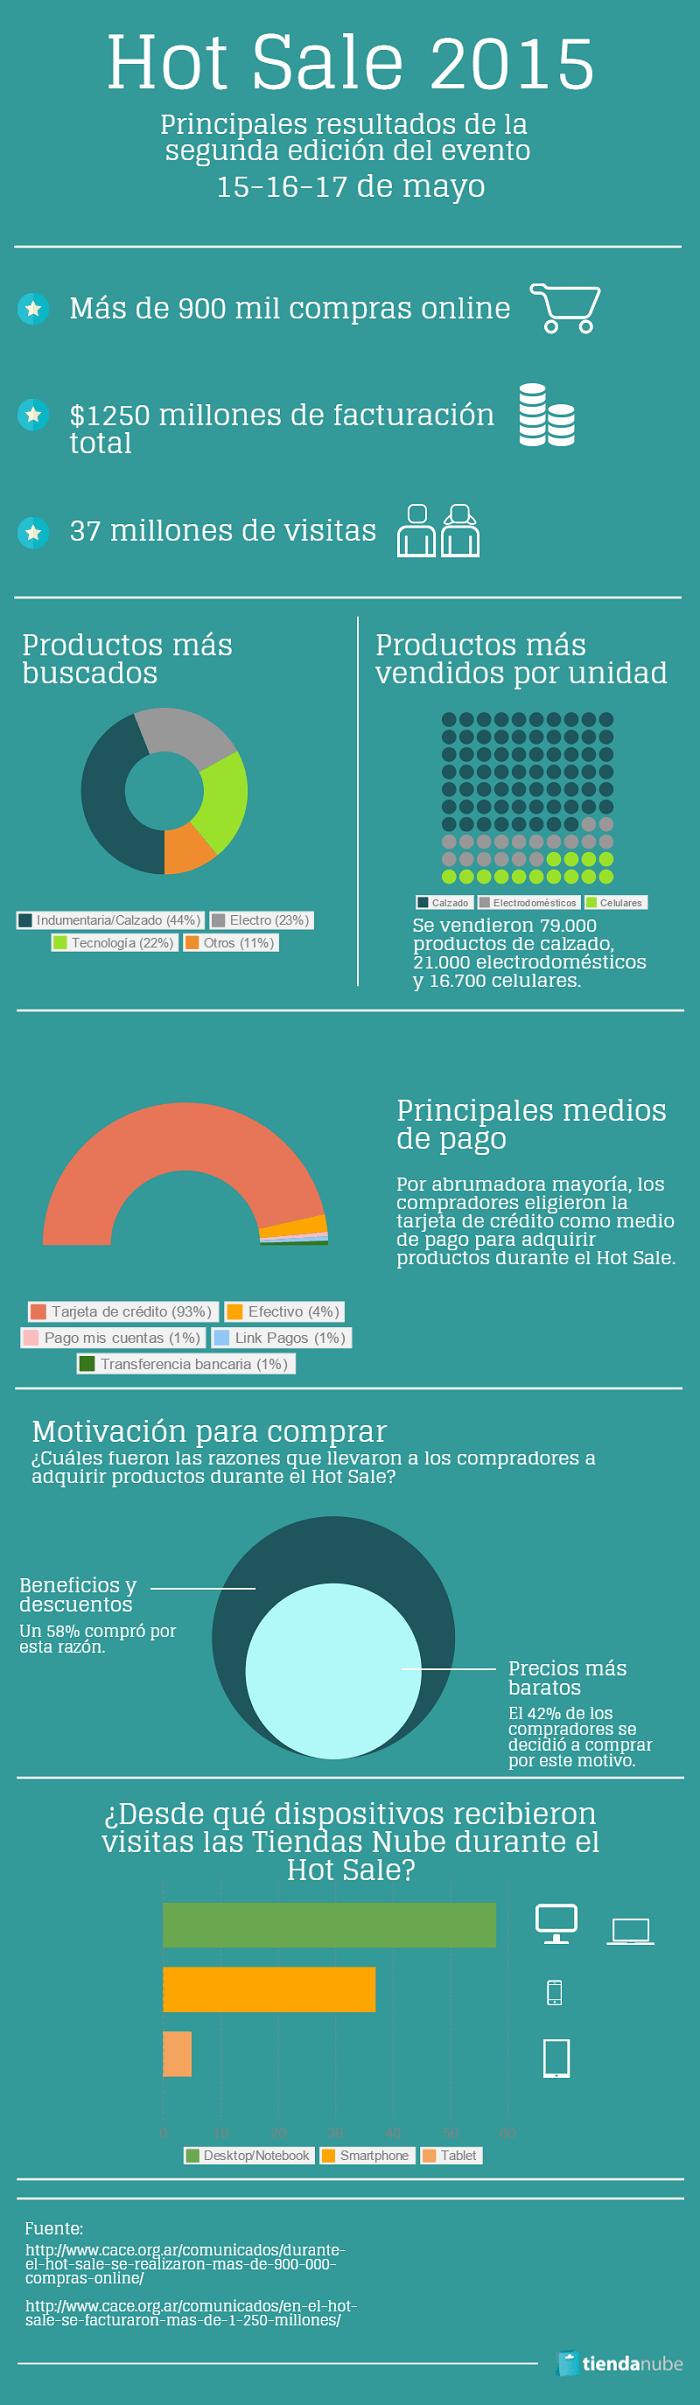 Resultados del Hot Sale 2015 en Argentina